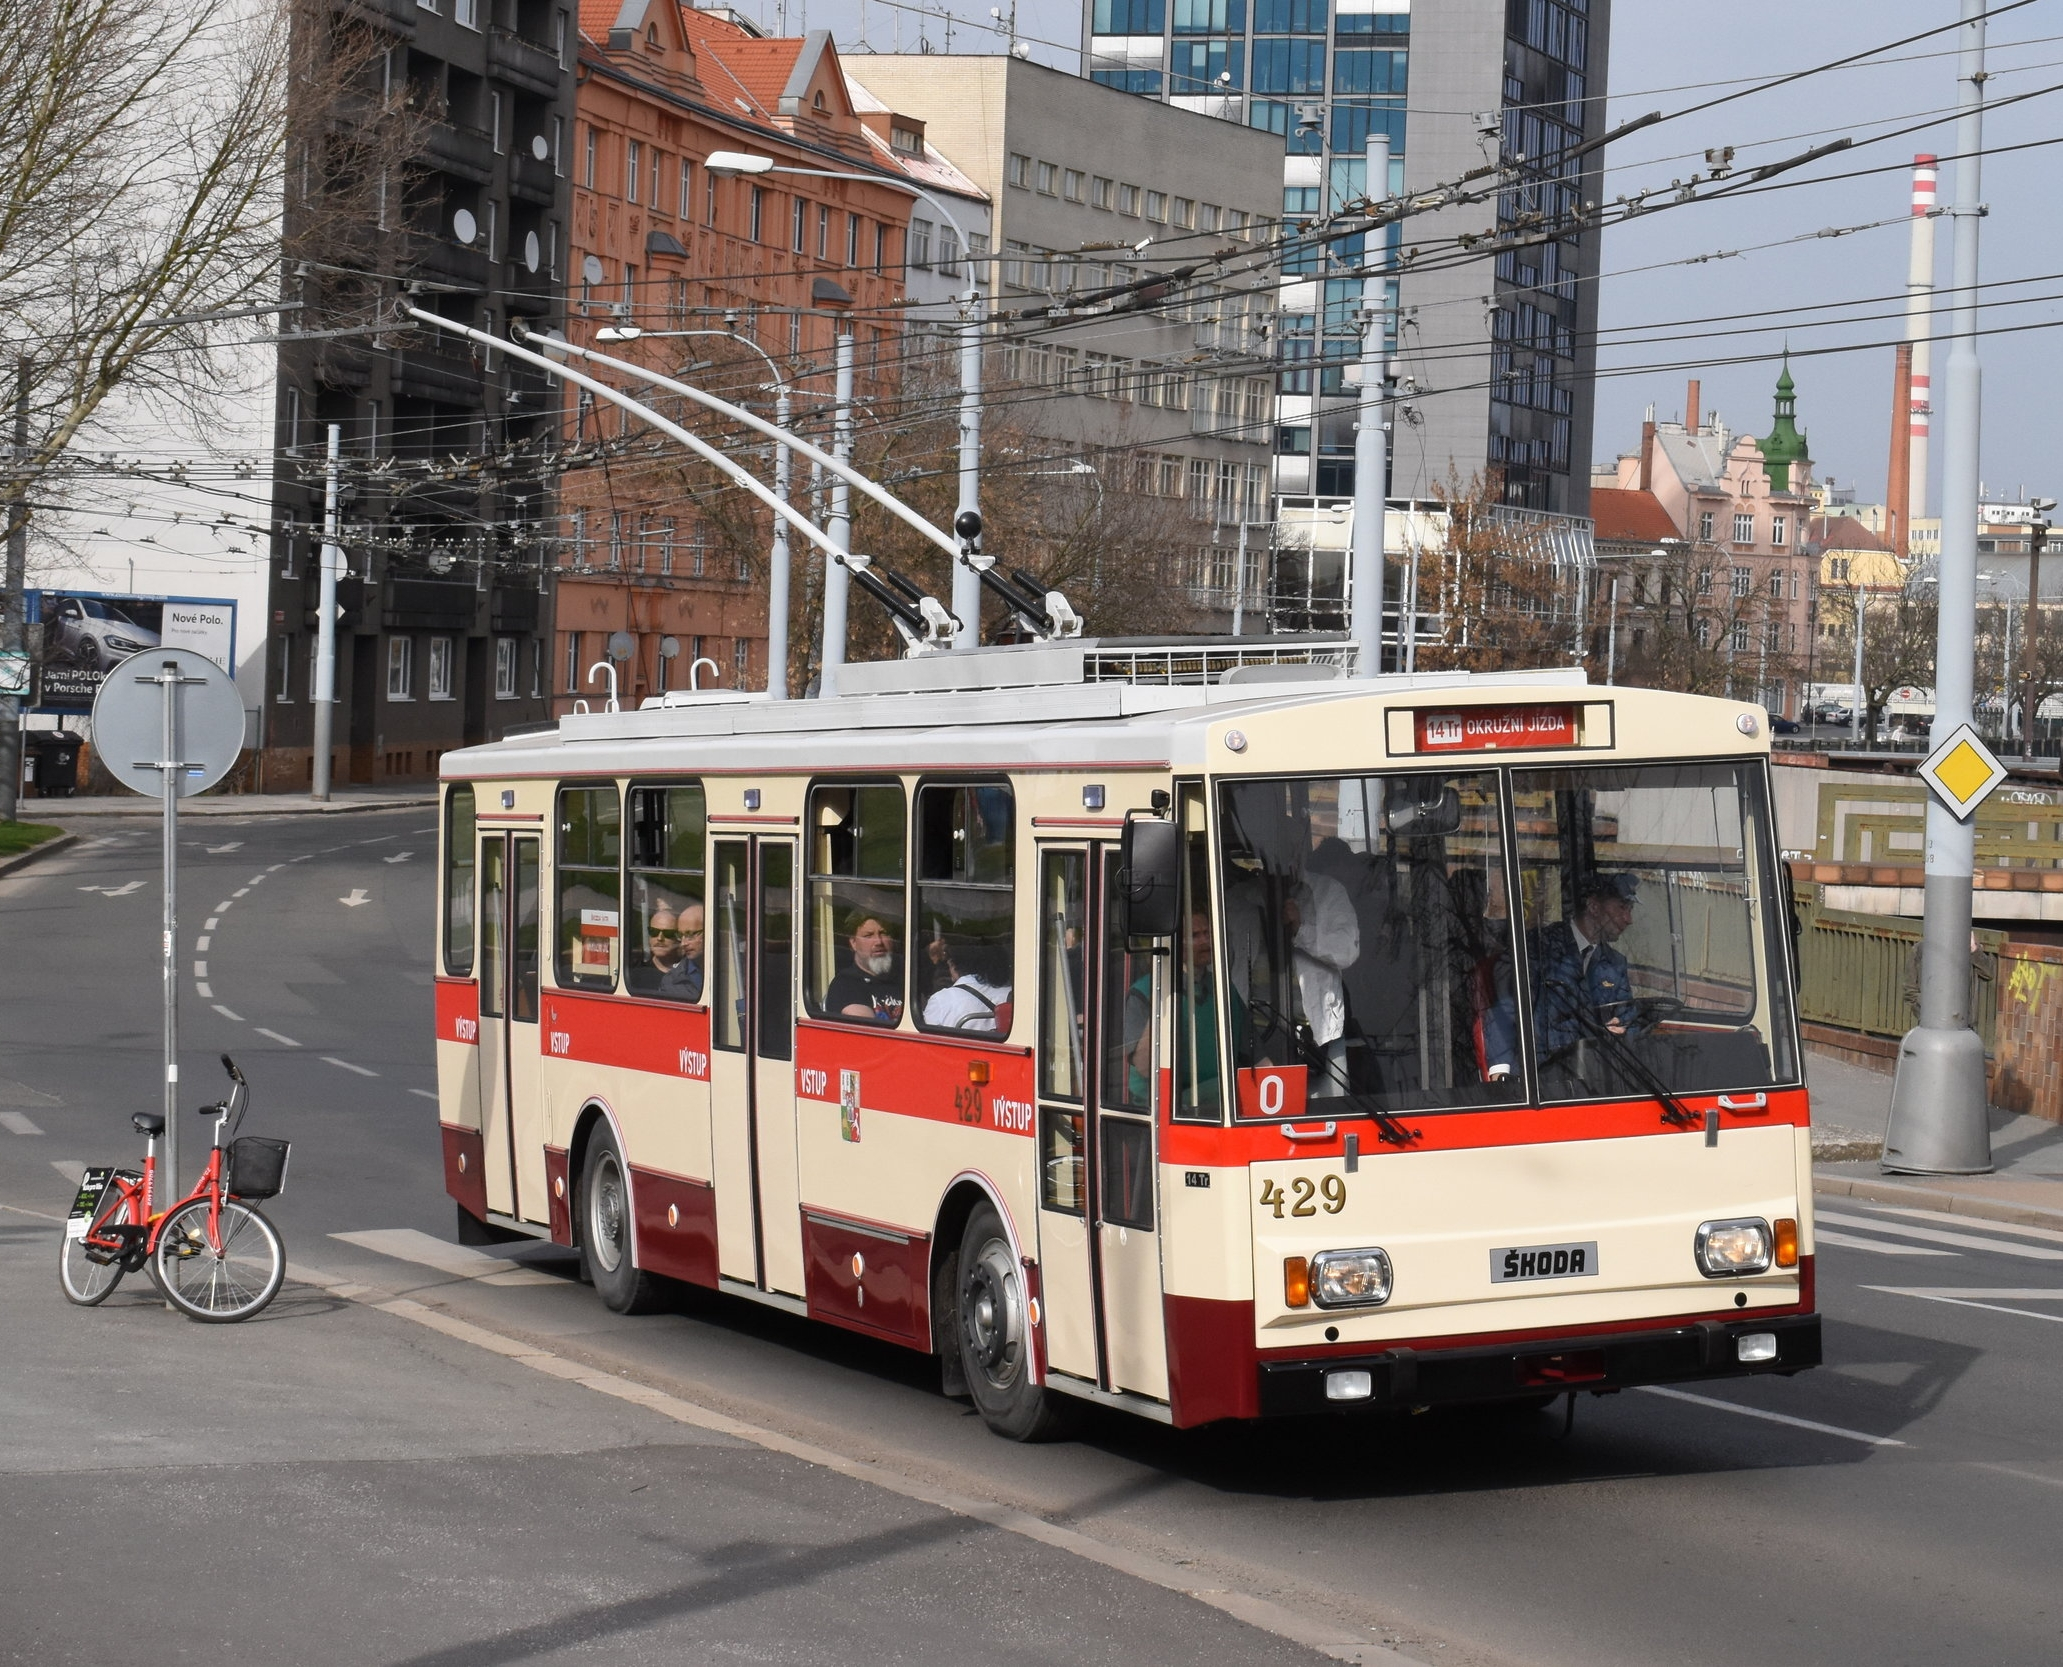 Historický trolejbus Škoda 14 Tr ev. č. 429 v ulicích Plzně při symbolické rozlučce. Trolejbus pro PMDP vzorně rekonstruovala společnost Zliner. (foto: Zdeněk Kresa)